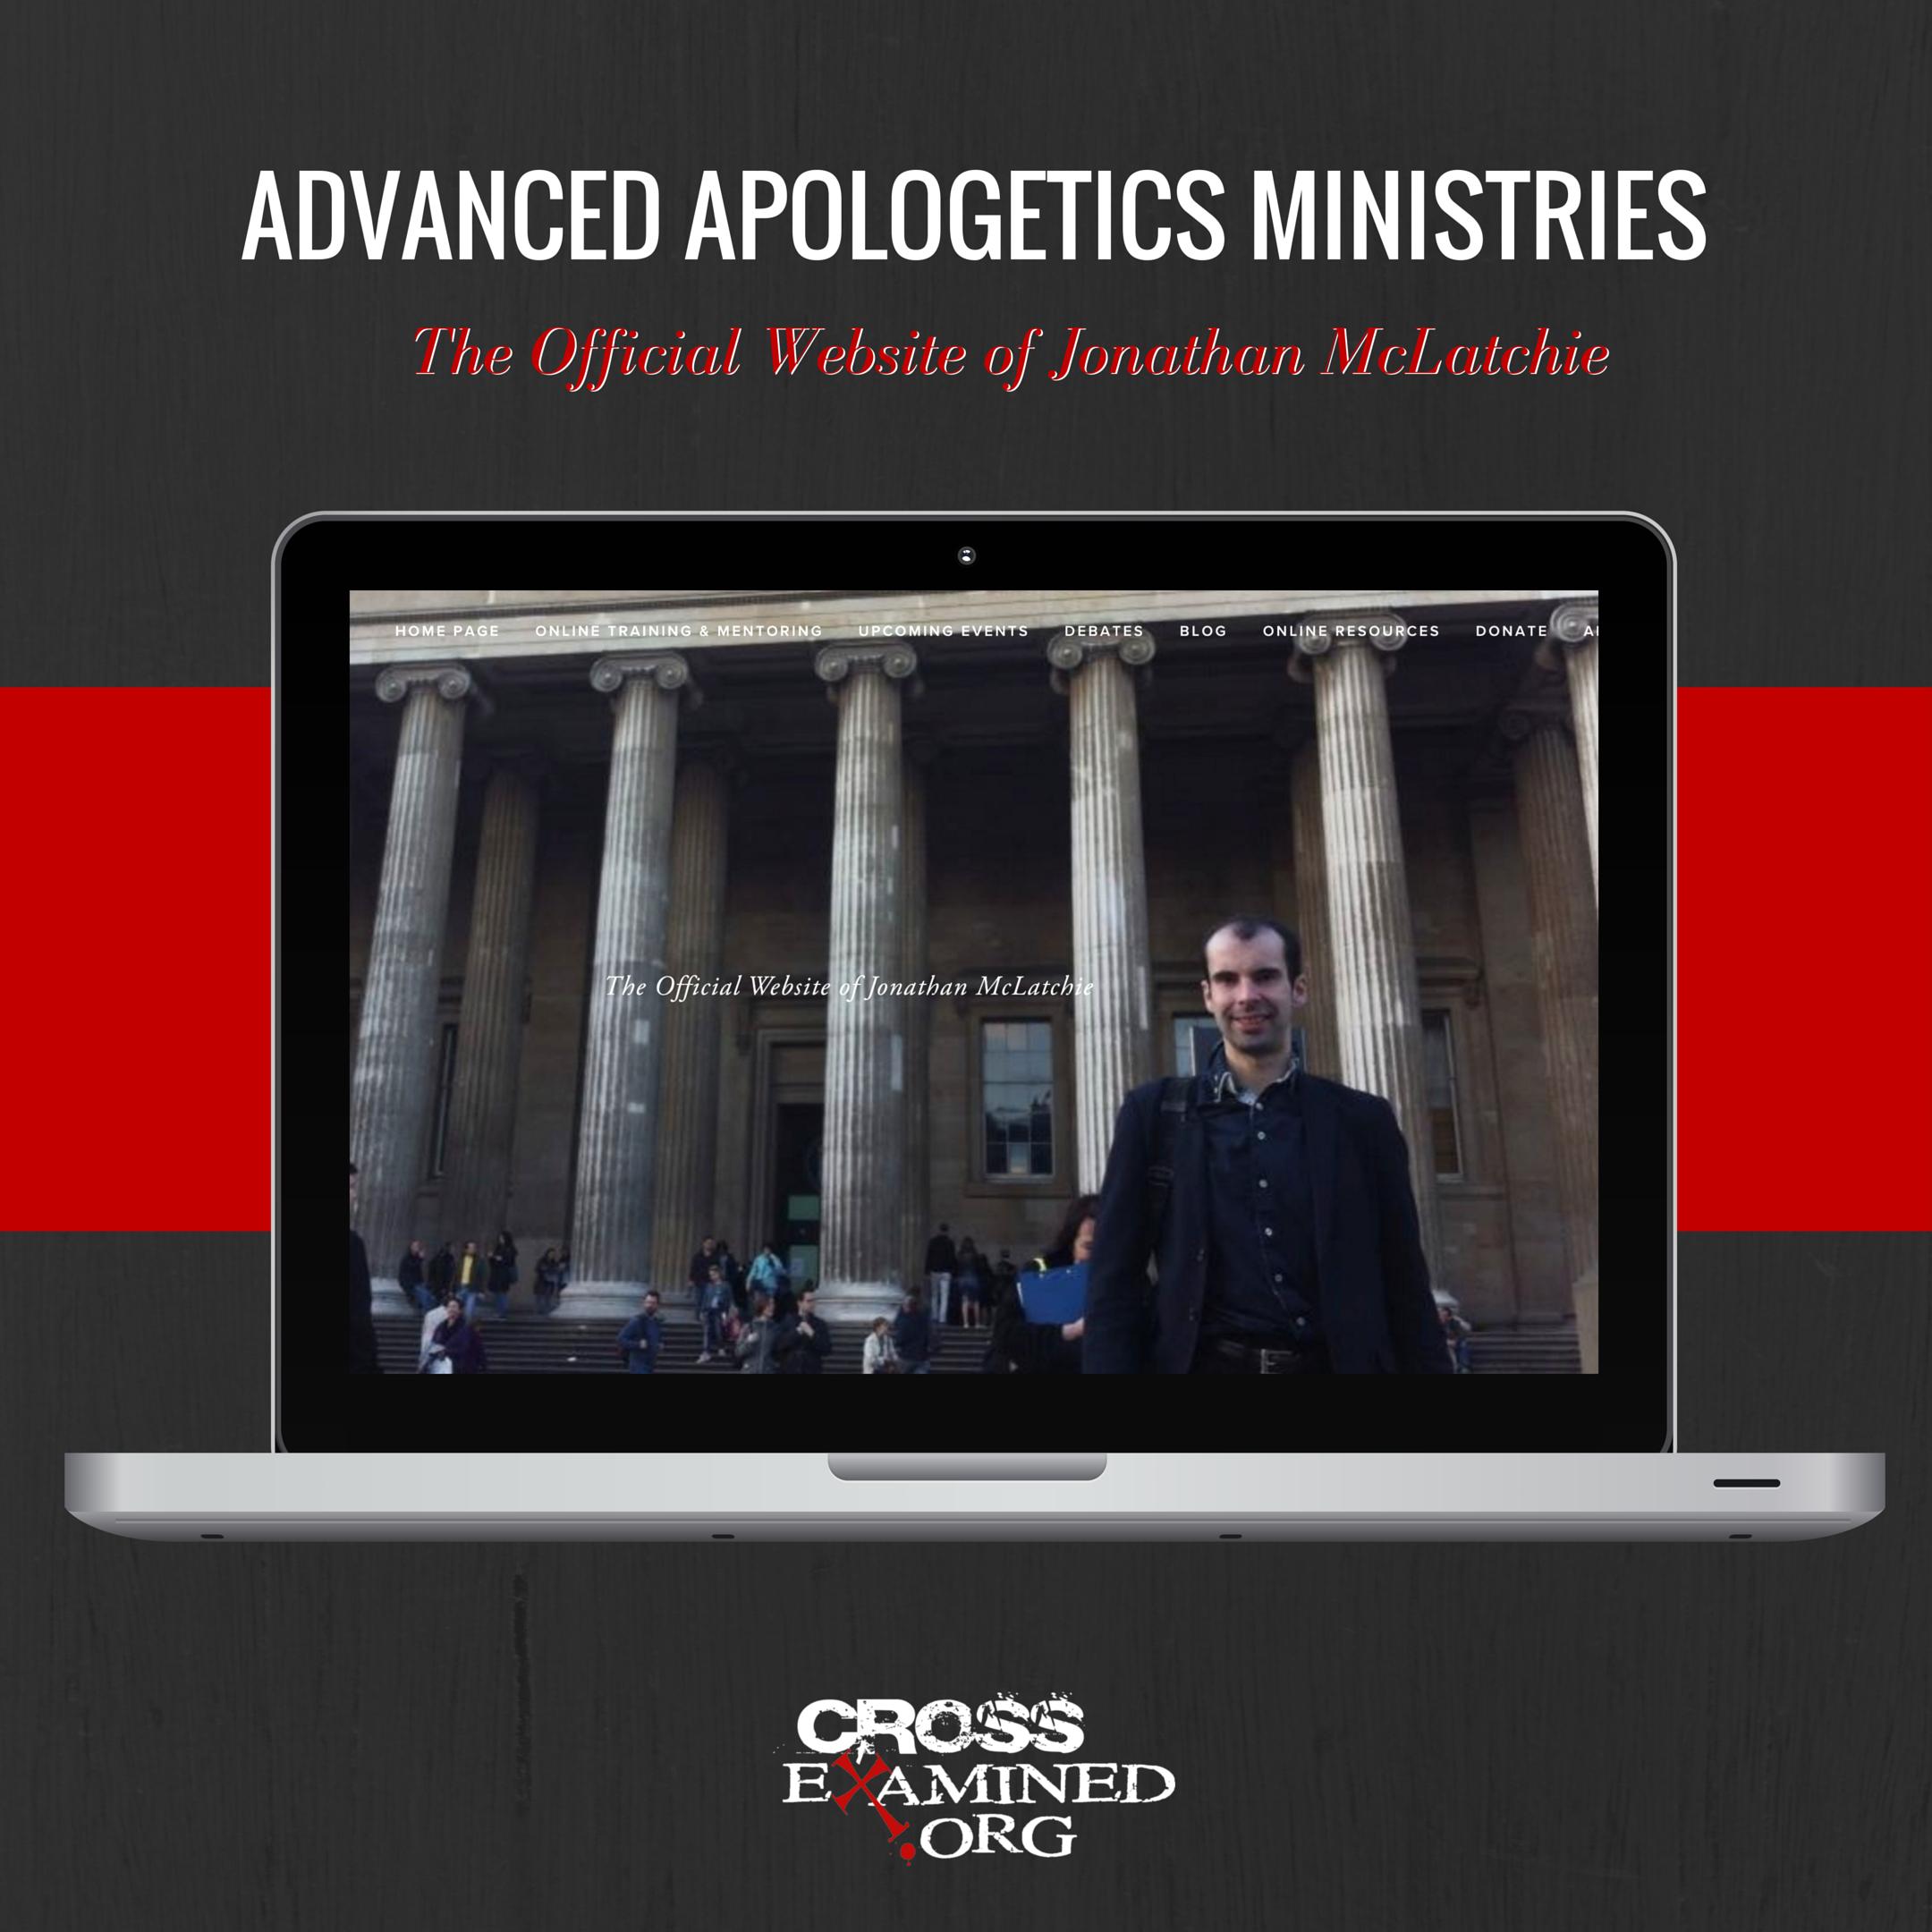 New Website: Advanced Apologetics